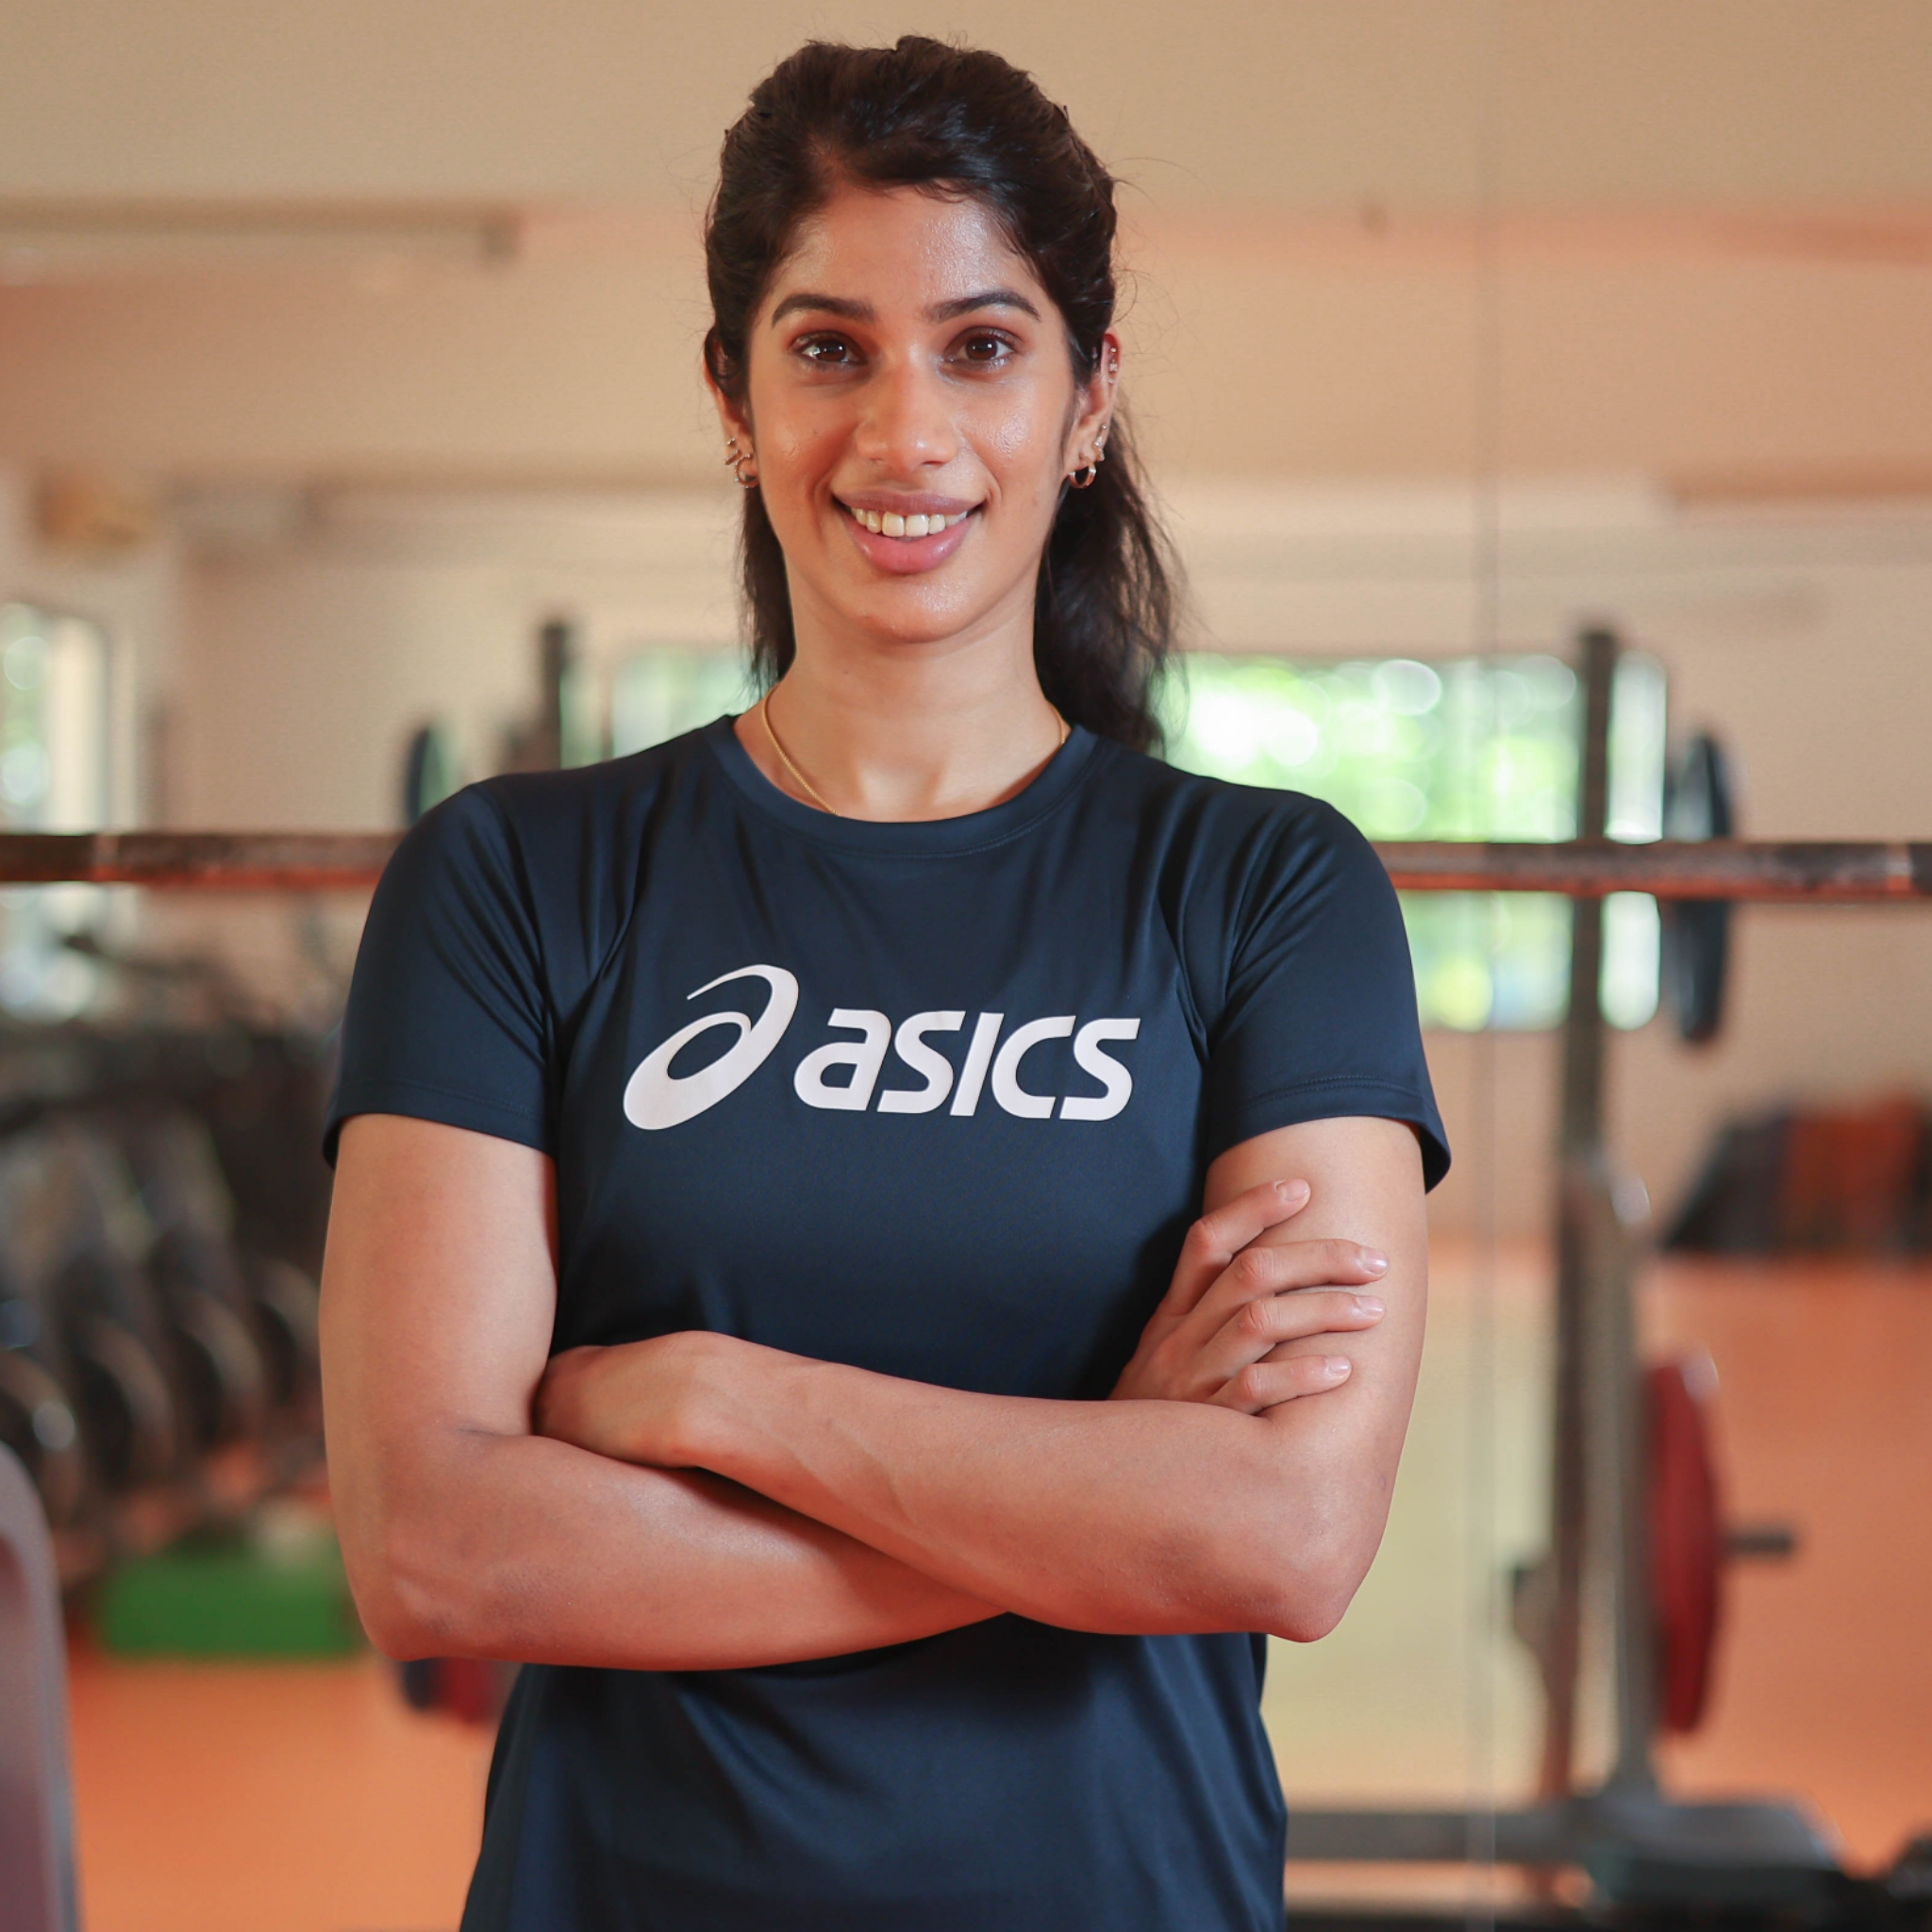 Asics teams up with Joshna Chinappa